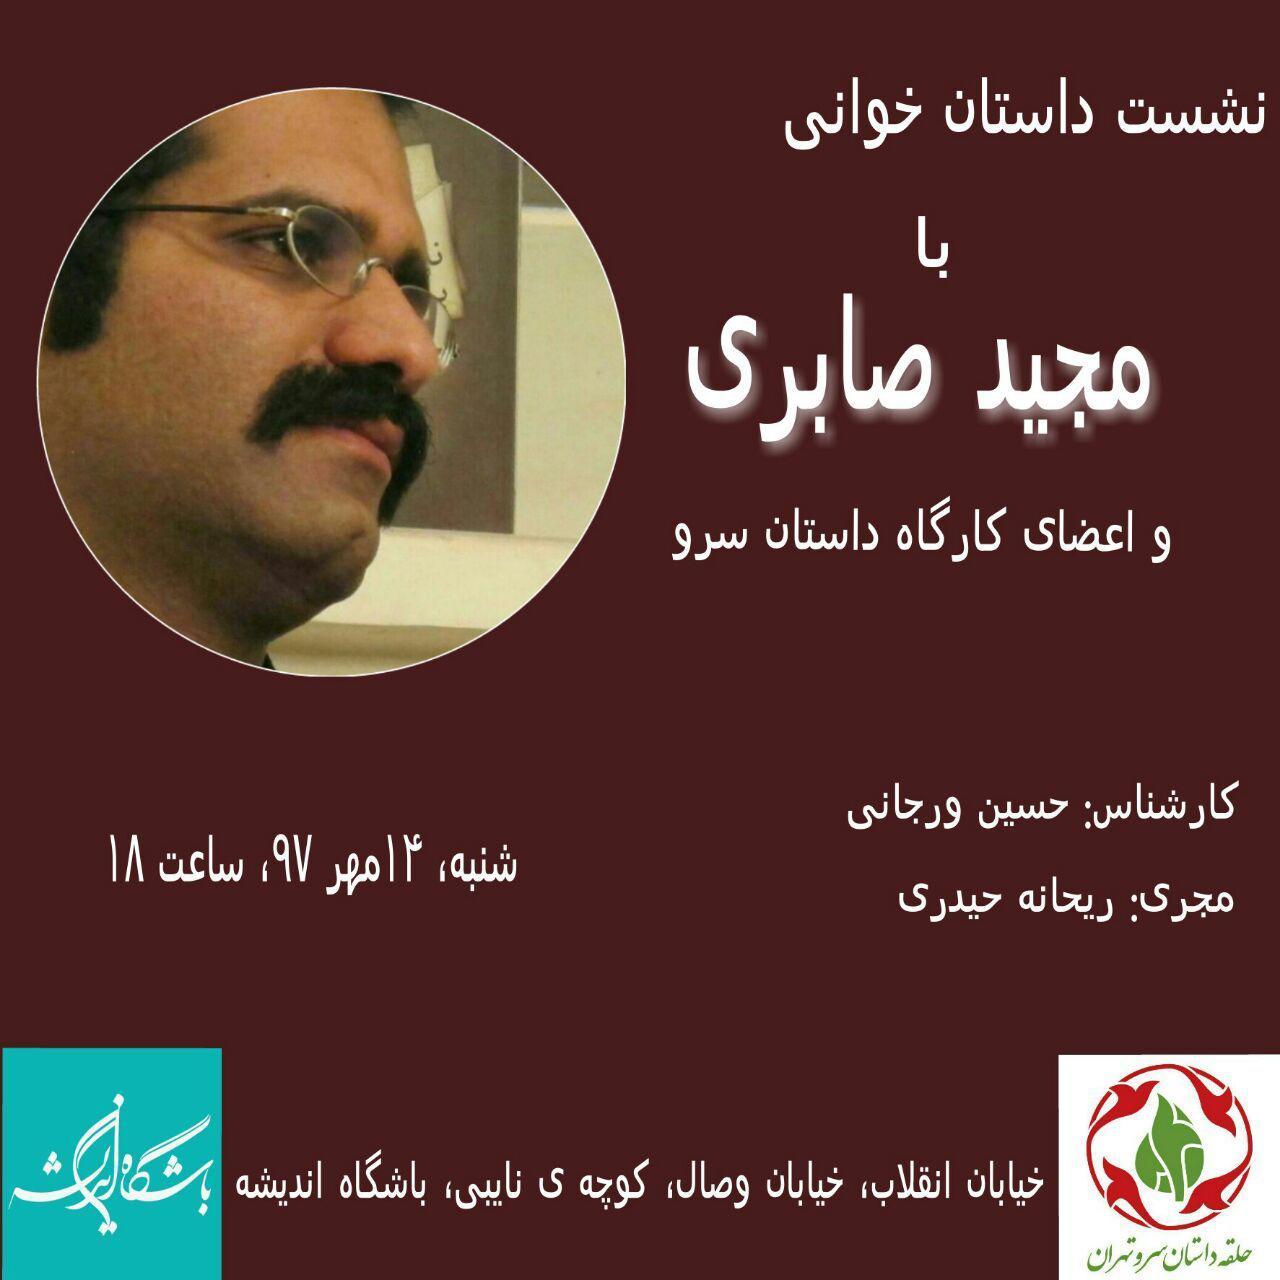 """نشست """"داستان خوانی با مجید صابری و اعضای کارگاه داستان سرو"""""""